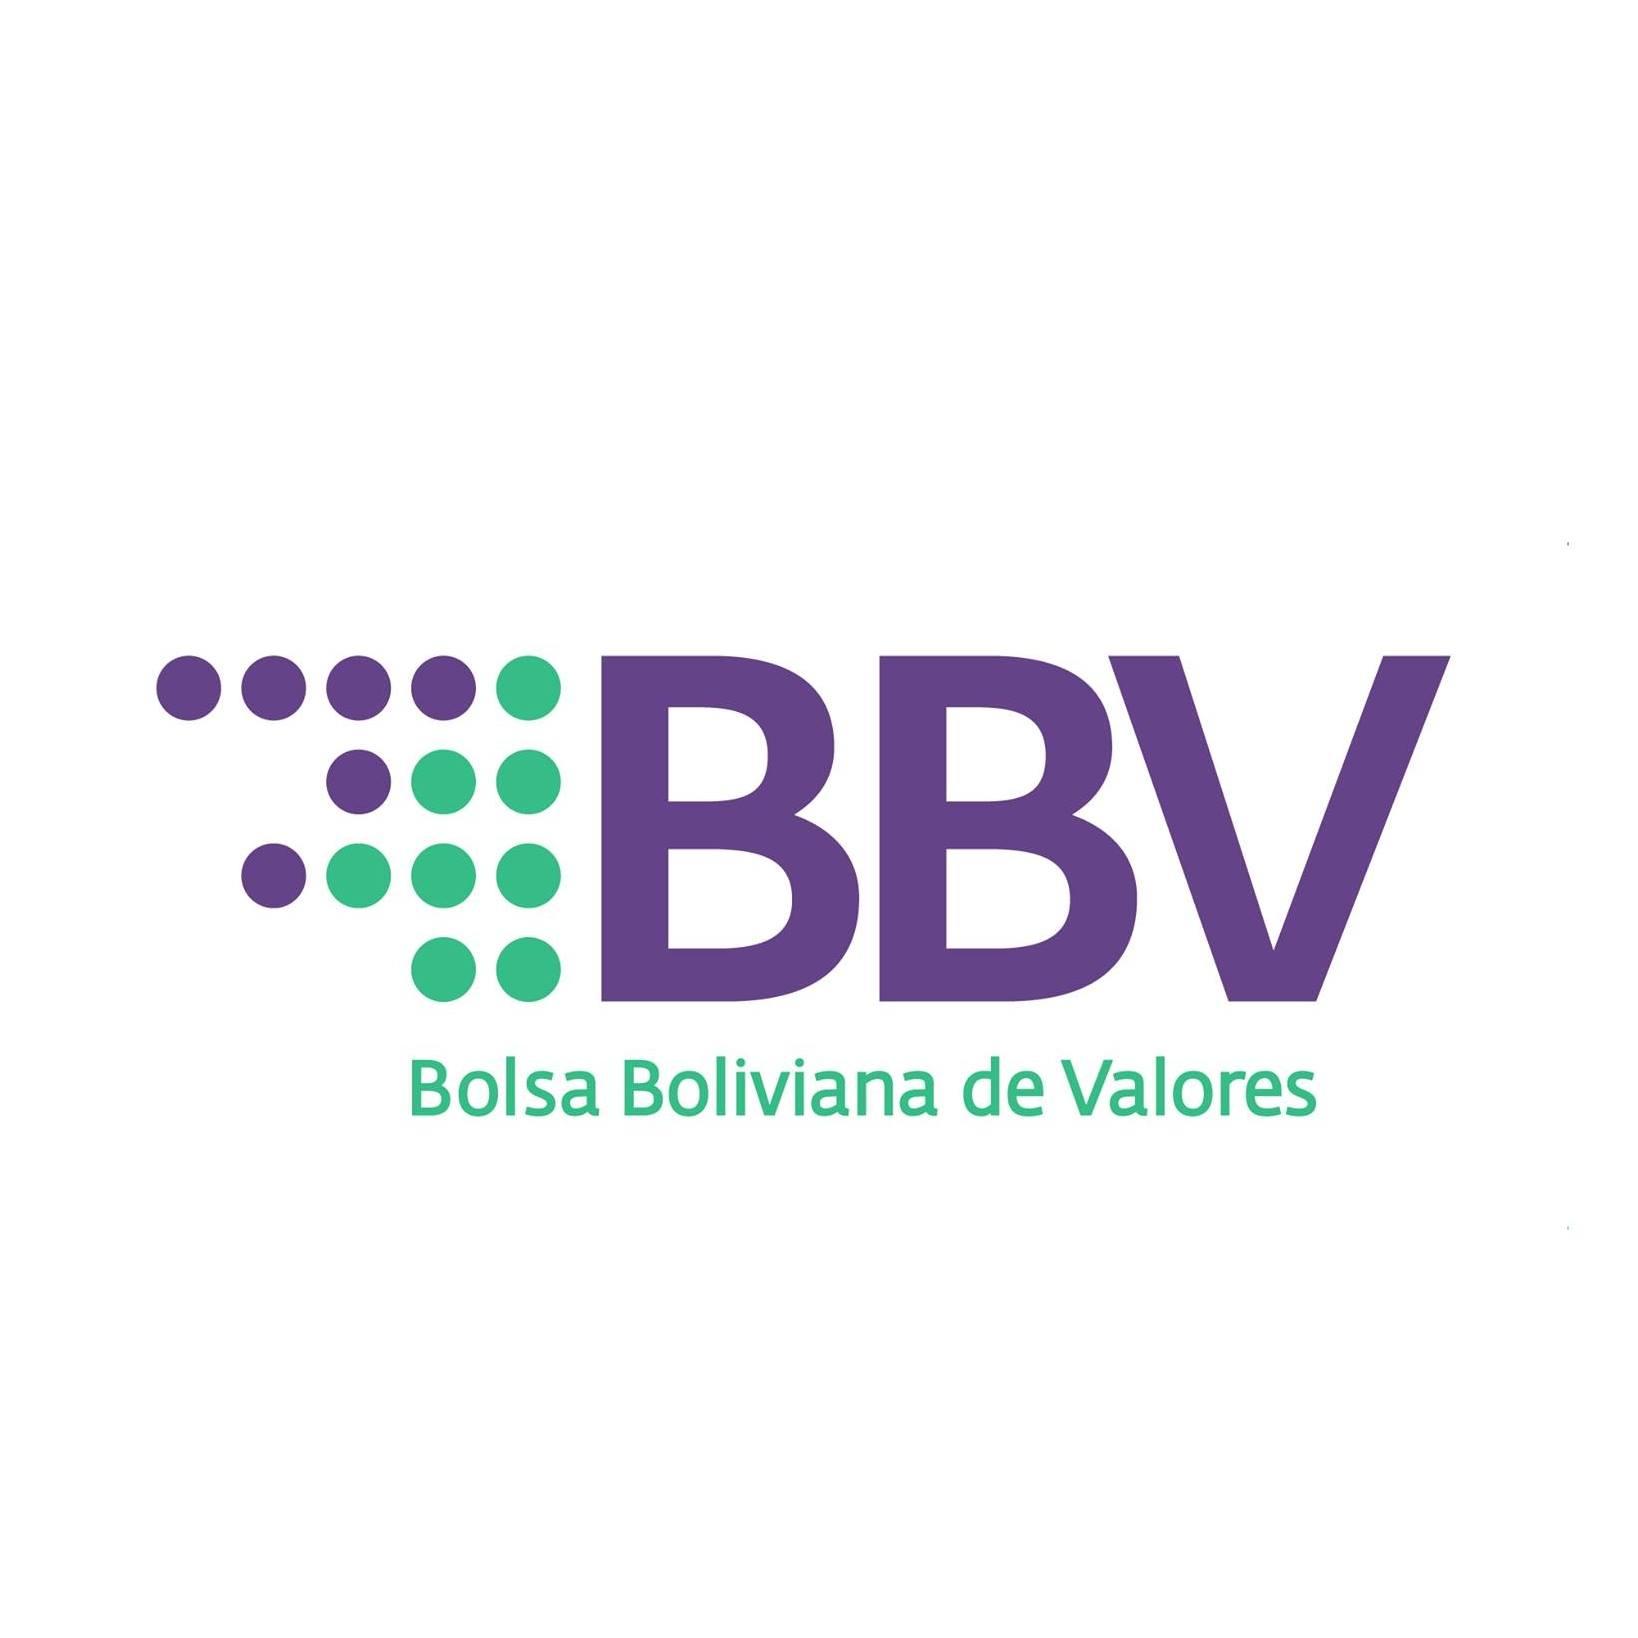 https://www.bdp.com.bo/biblioteca/imagenes/instituciones/bbv.png